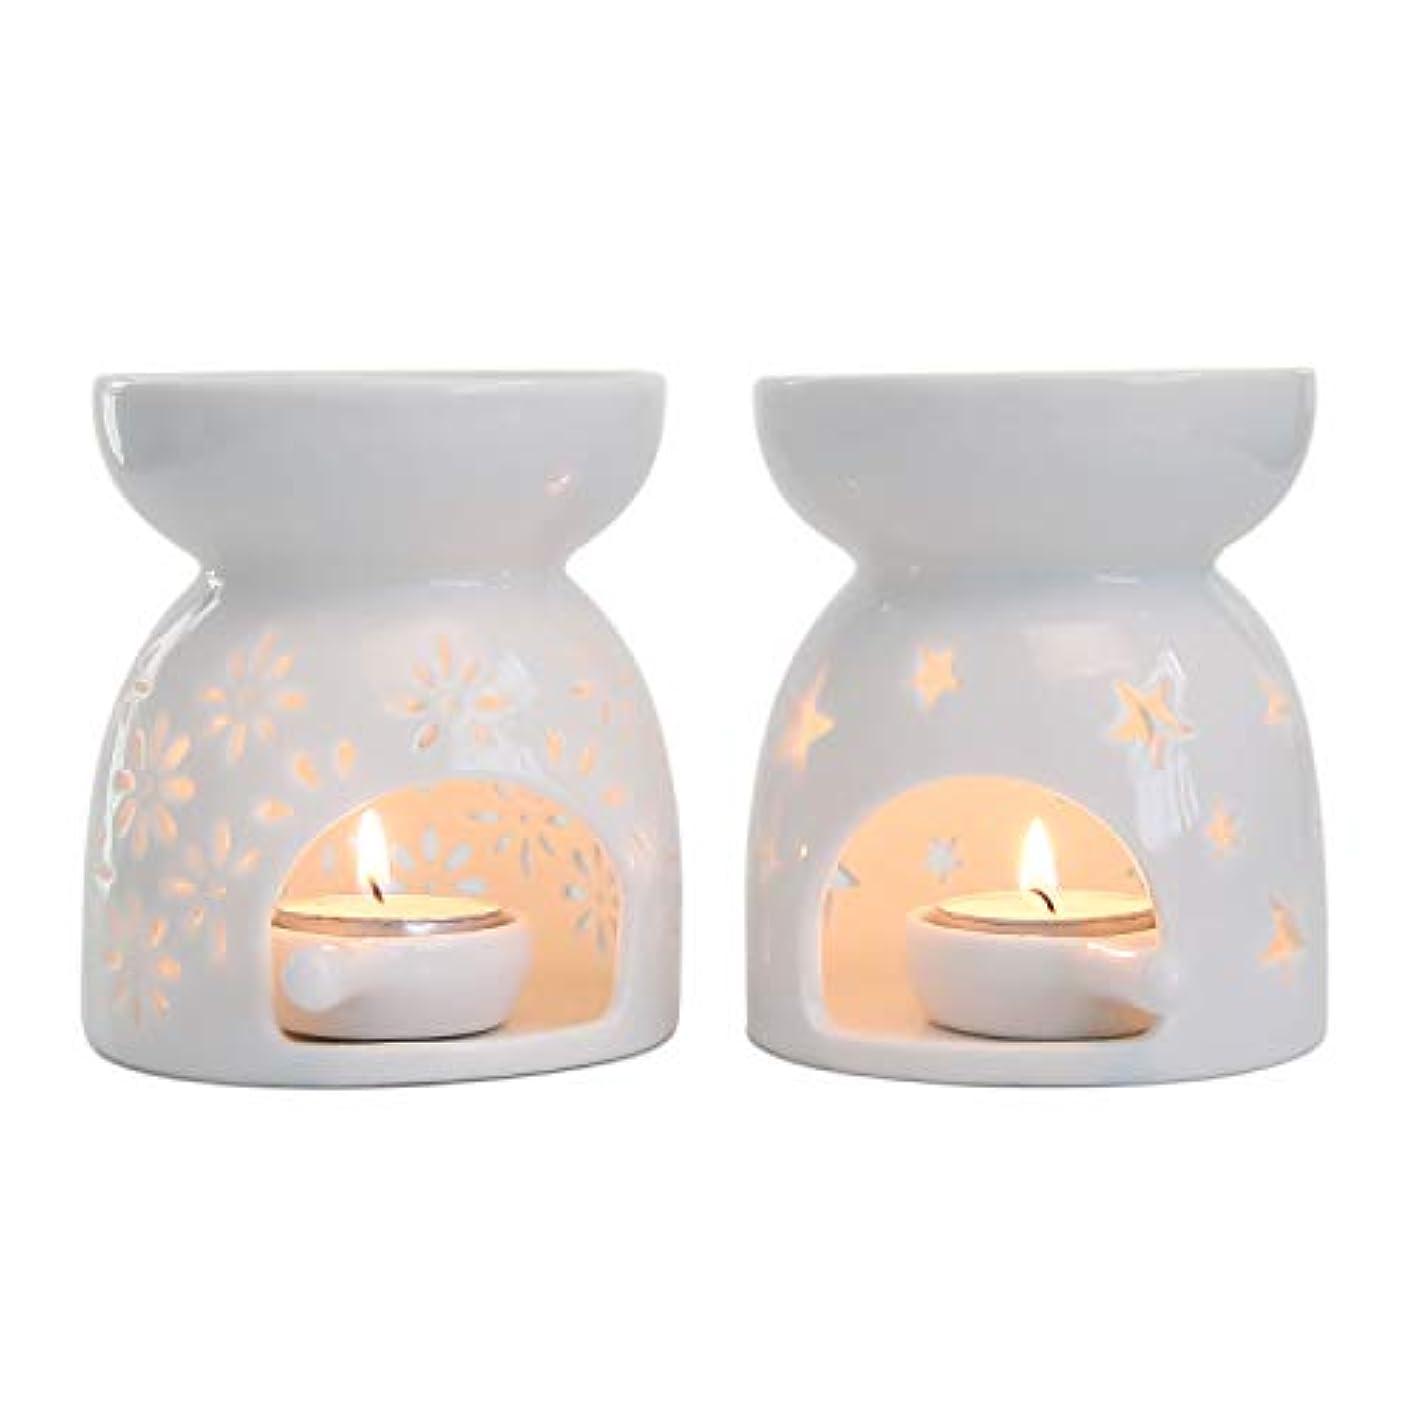 評価可能夫綺麗なRachel's Choice 陶製 アロマ ランプ ディフューザー アロマキャンドル キャンドルホルダー 花形&星形 ホワイト 2点セット